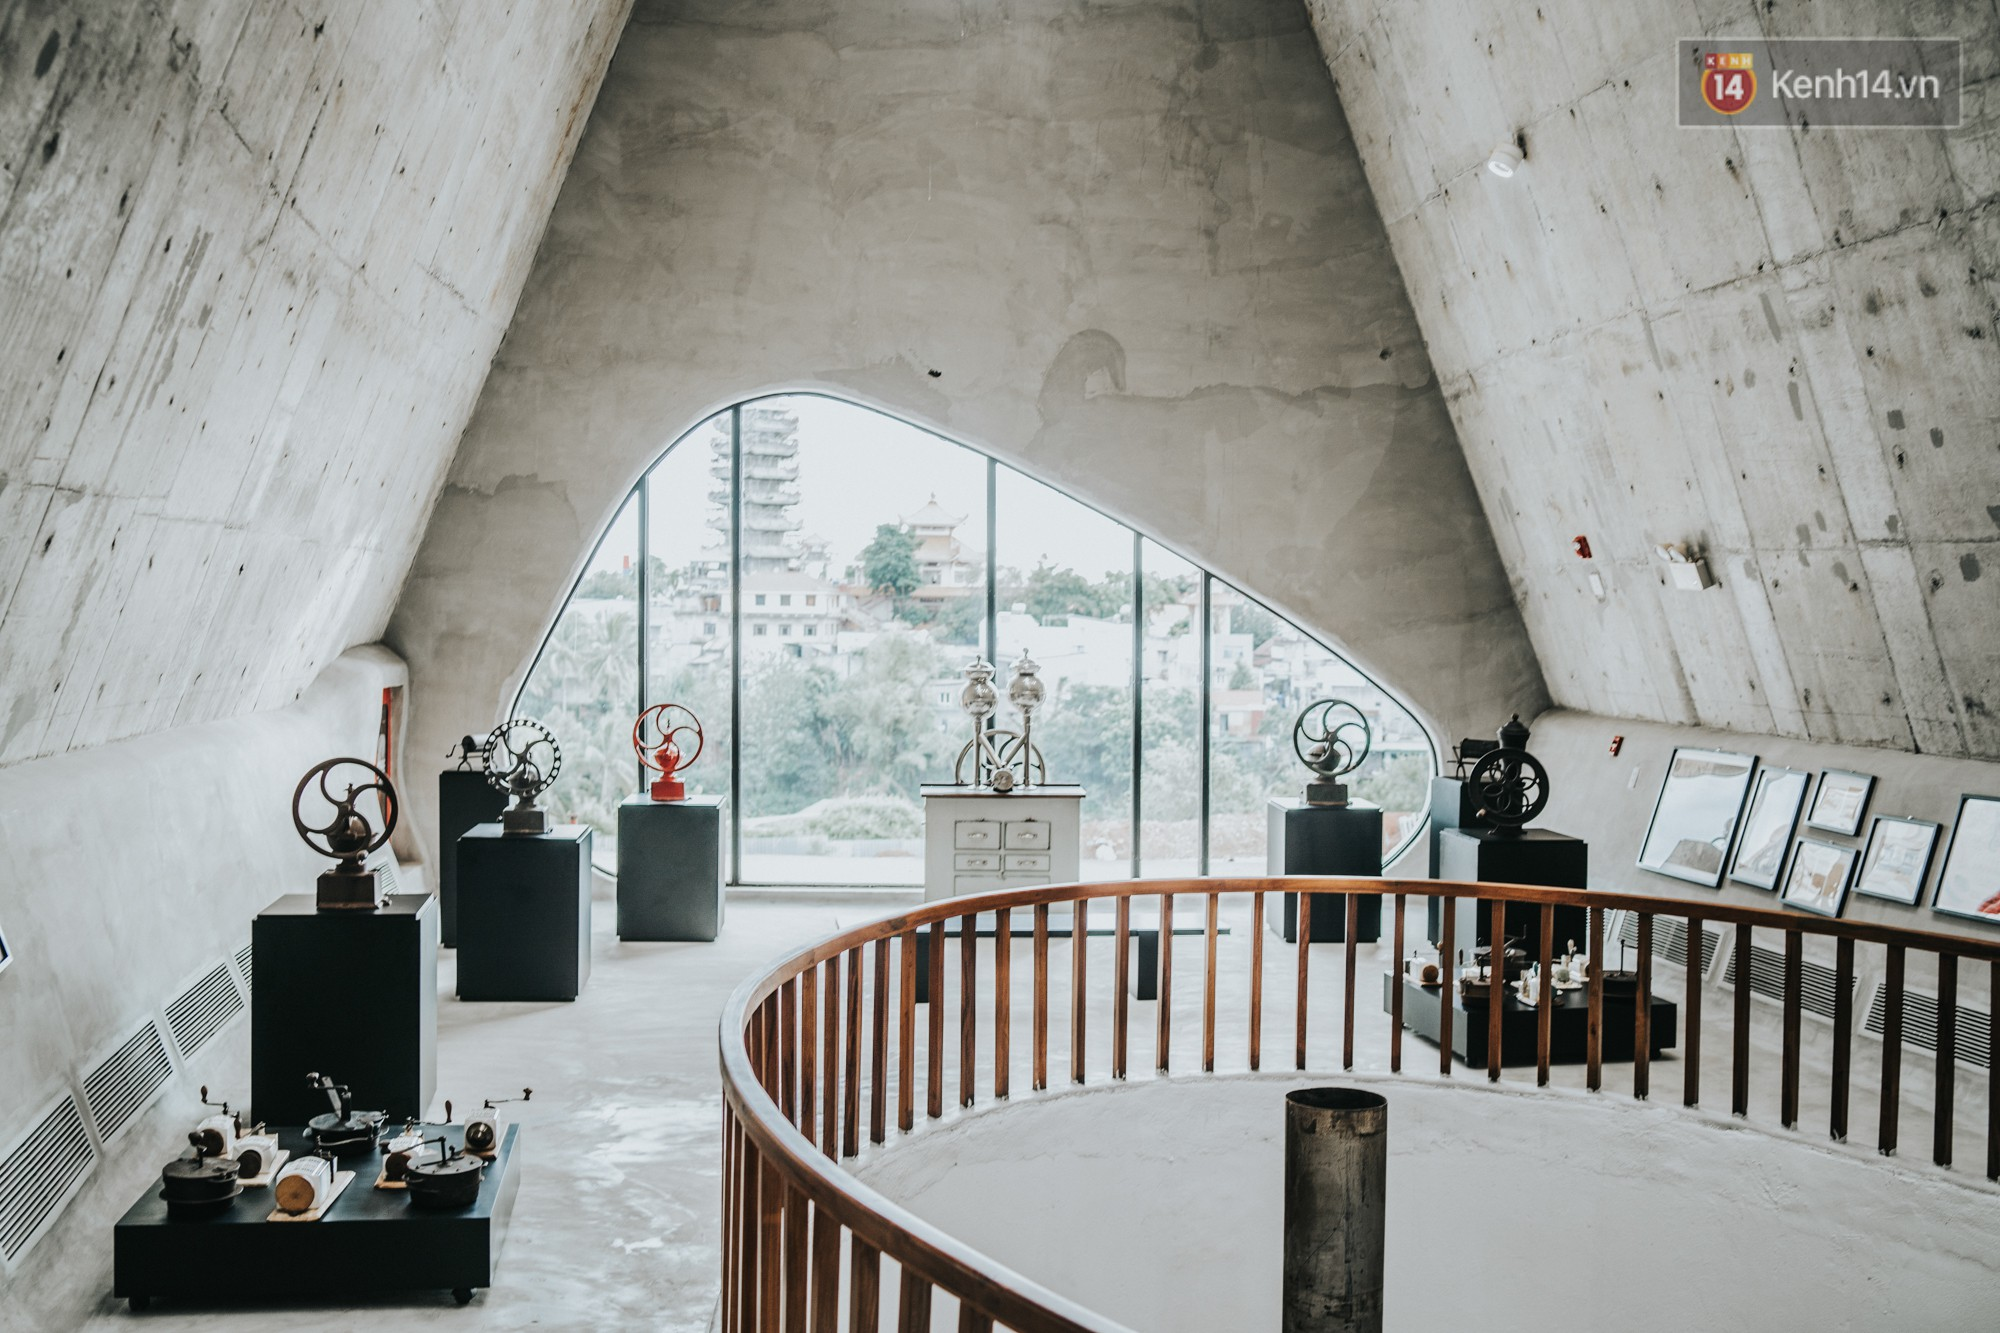 Bảo tàng cà phê mới toanh ở Buôn Ma Thuột đang là địa điểm check-in phủ sóng Instagram! - Ảnh 8.